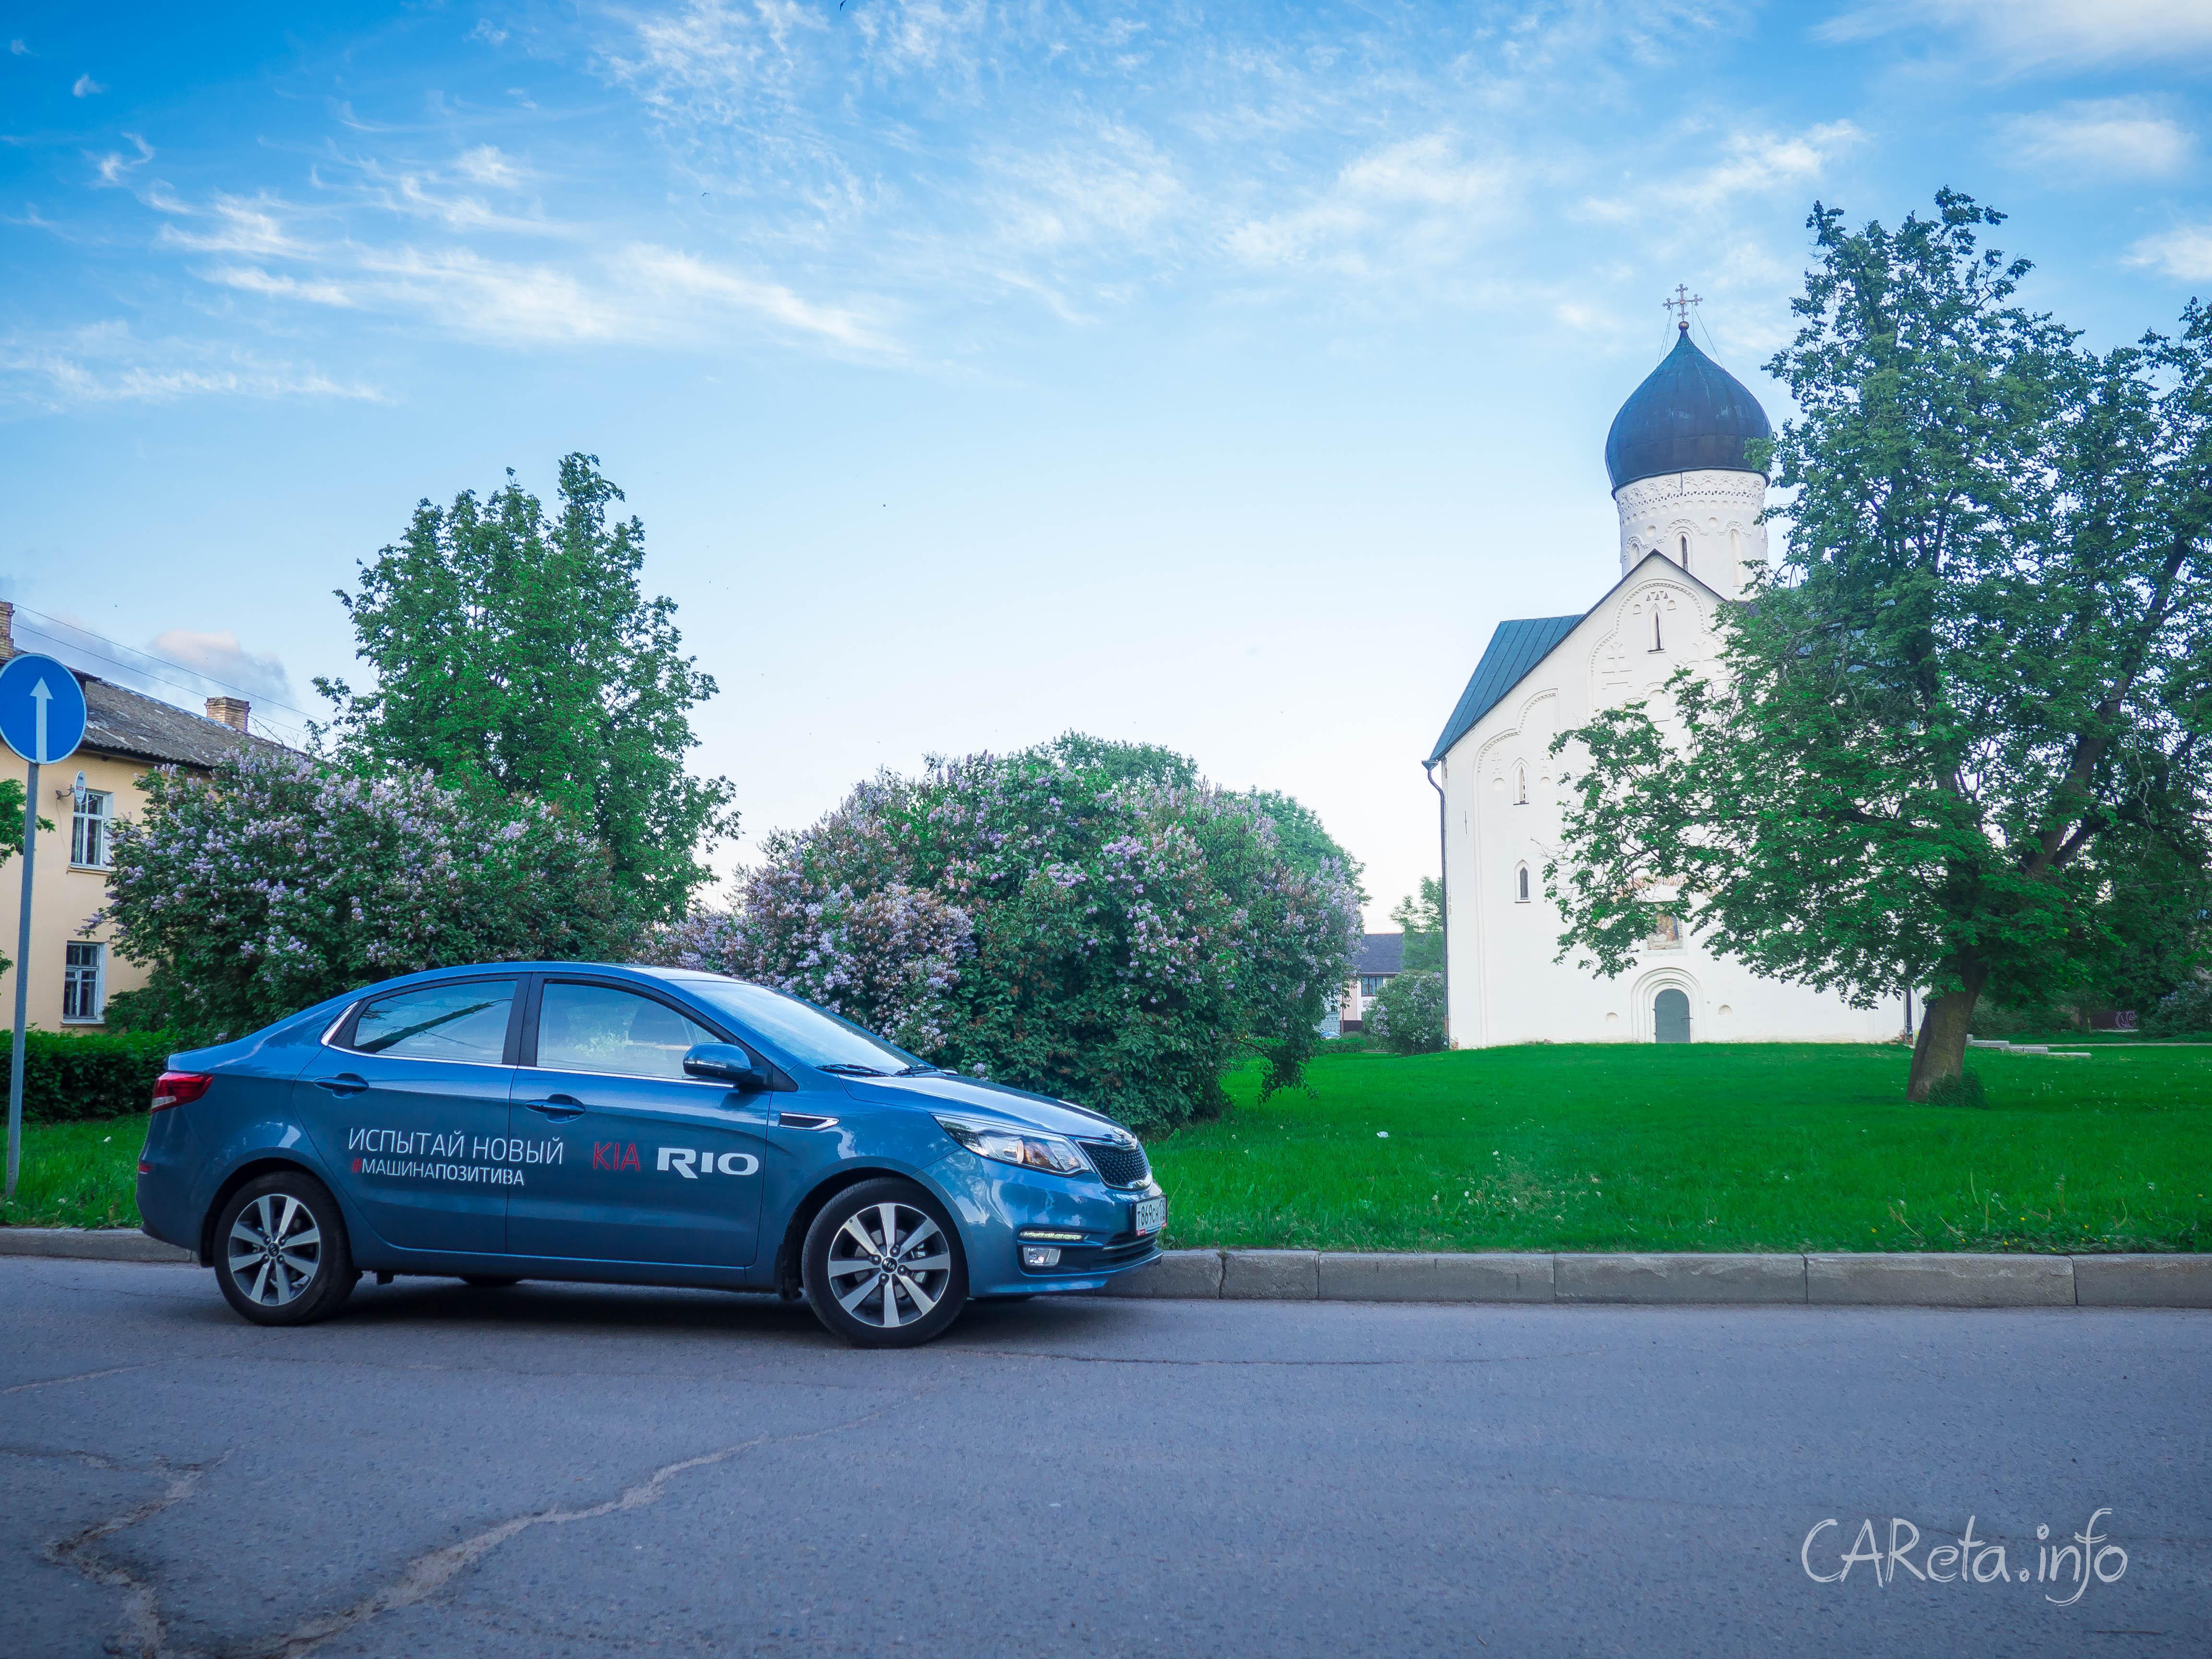 Тест-драйв KIA Rio в Великом Новгороде. Тормозя - тормози